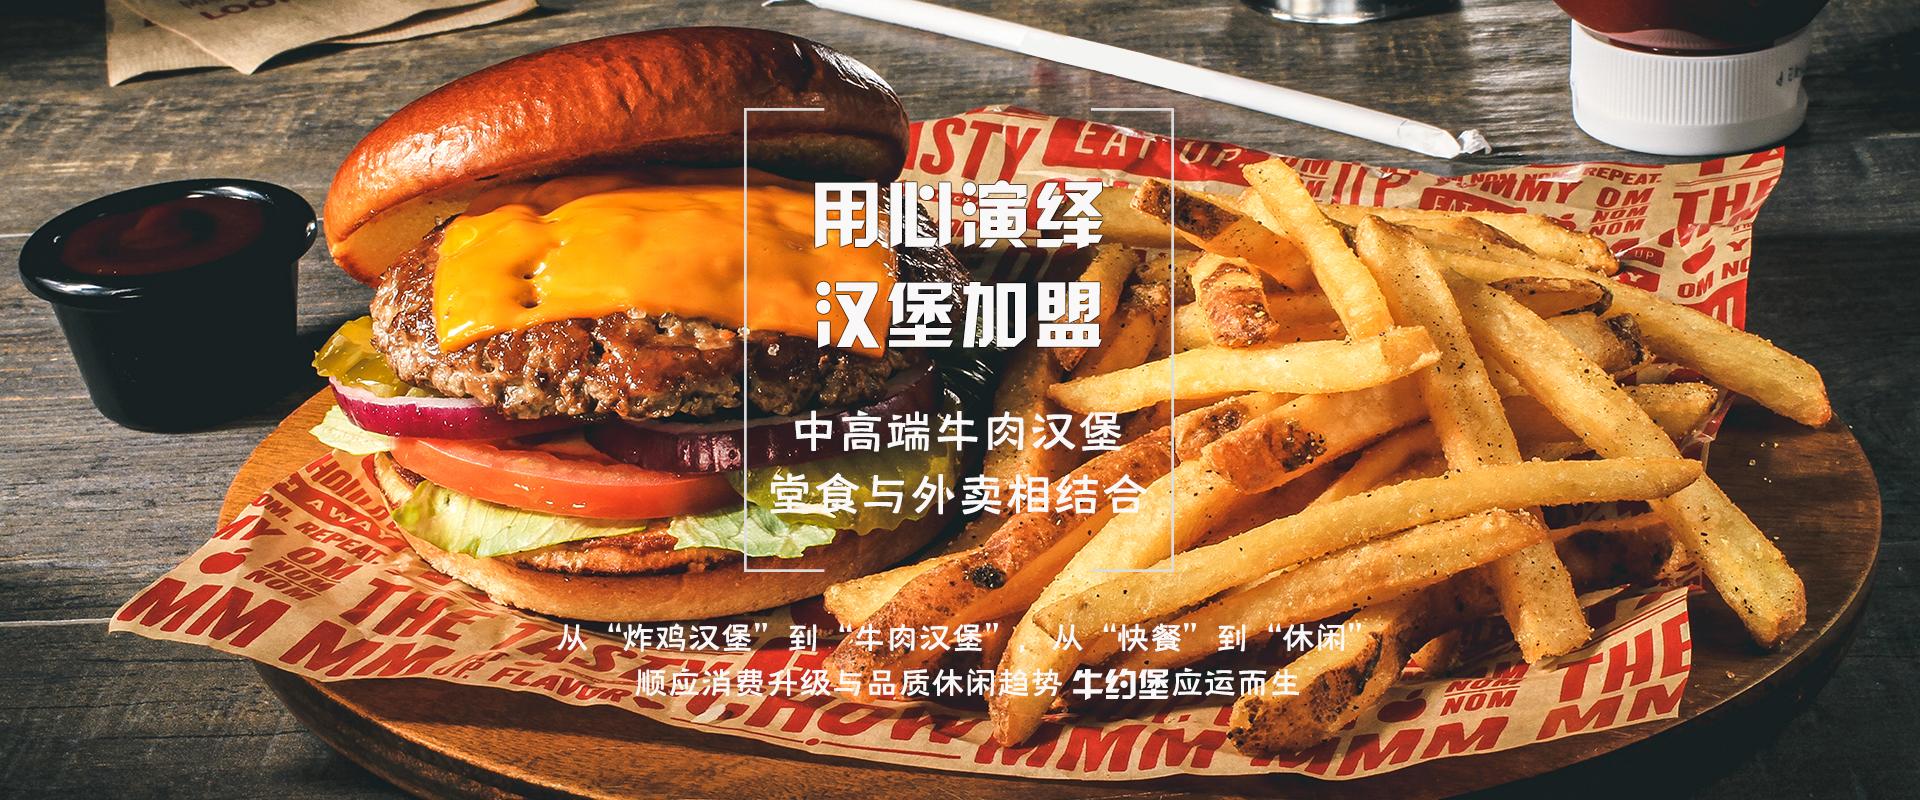 """《汉堡加盟排行榜》牛约堡汉堡让消费者重拾""""幸福"""""""